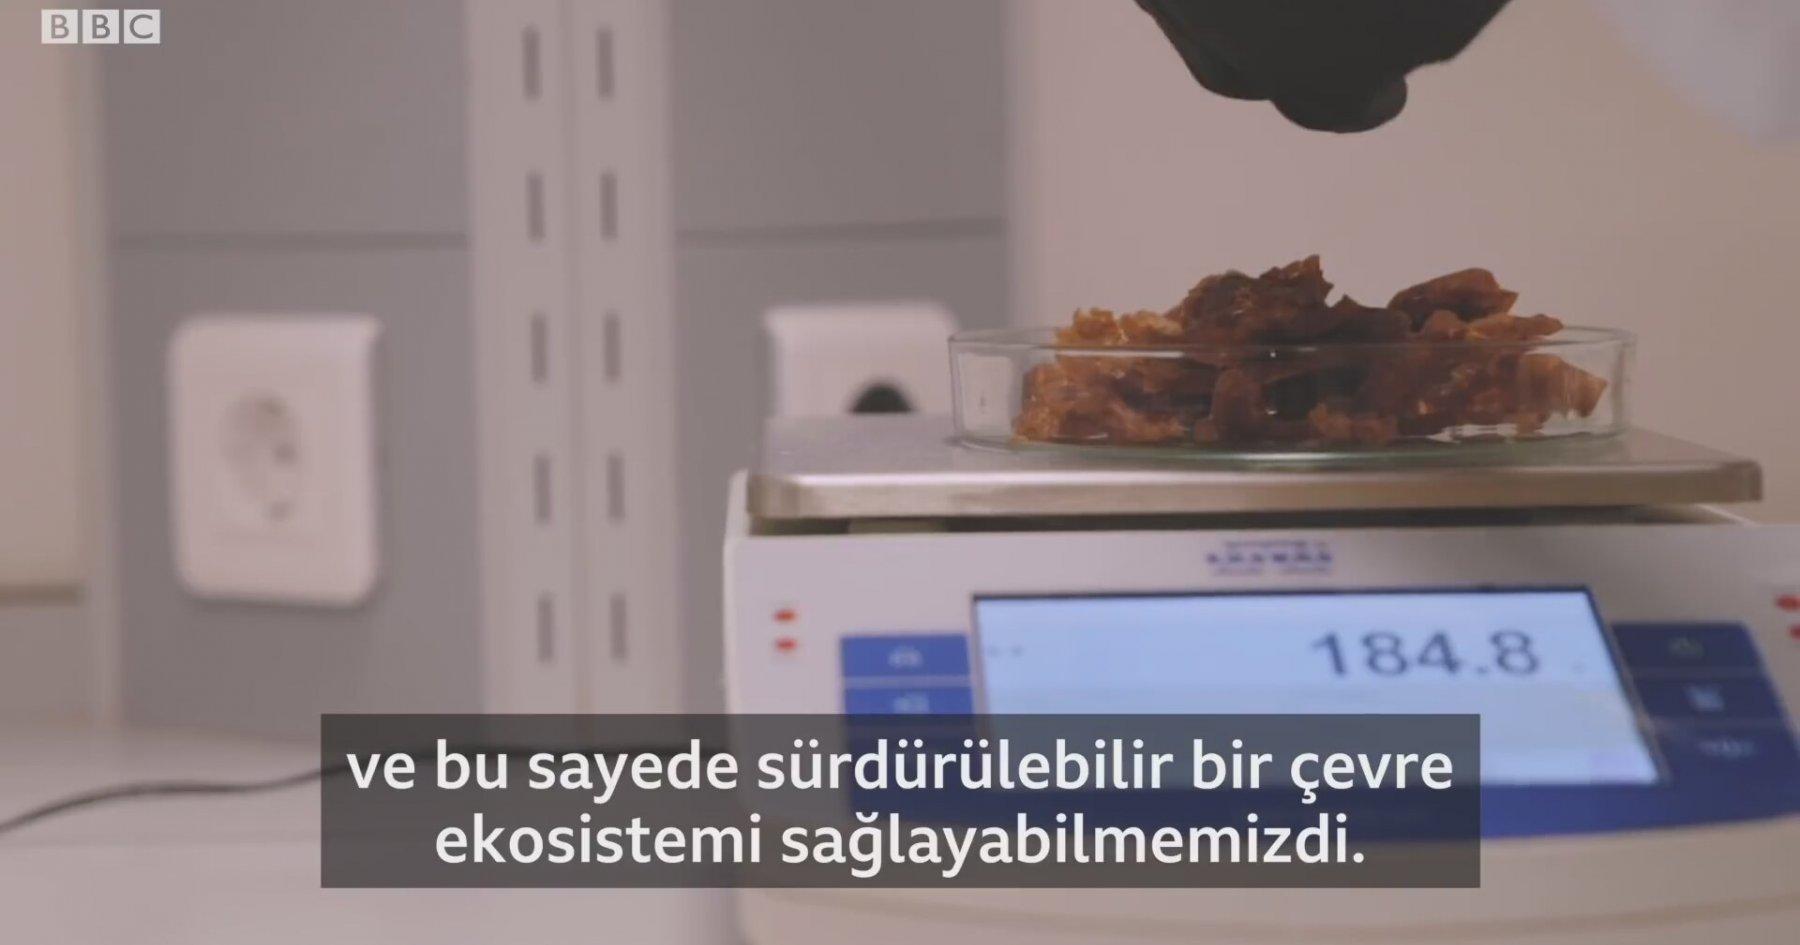 Türk girişimciler zeytin çekirdeğinden biyoplastik üretiyor